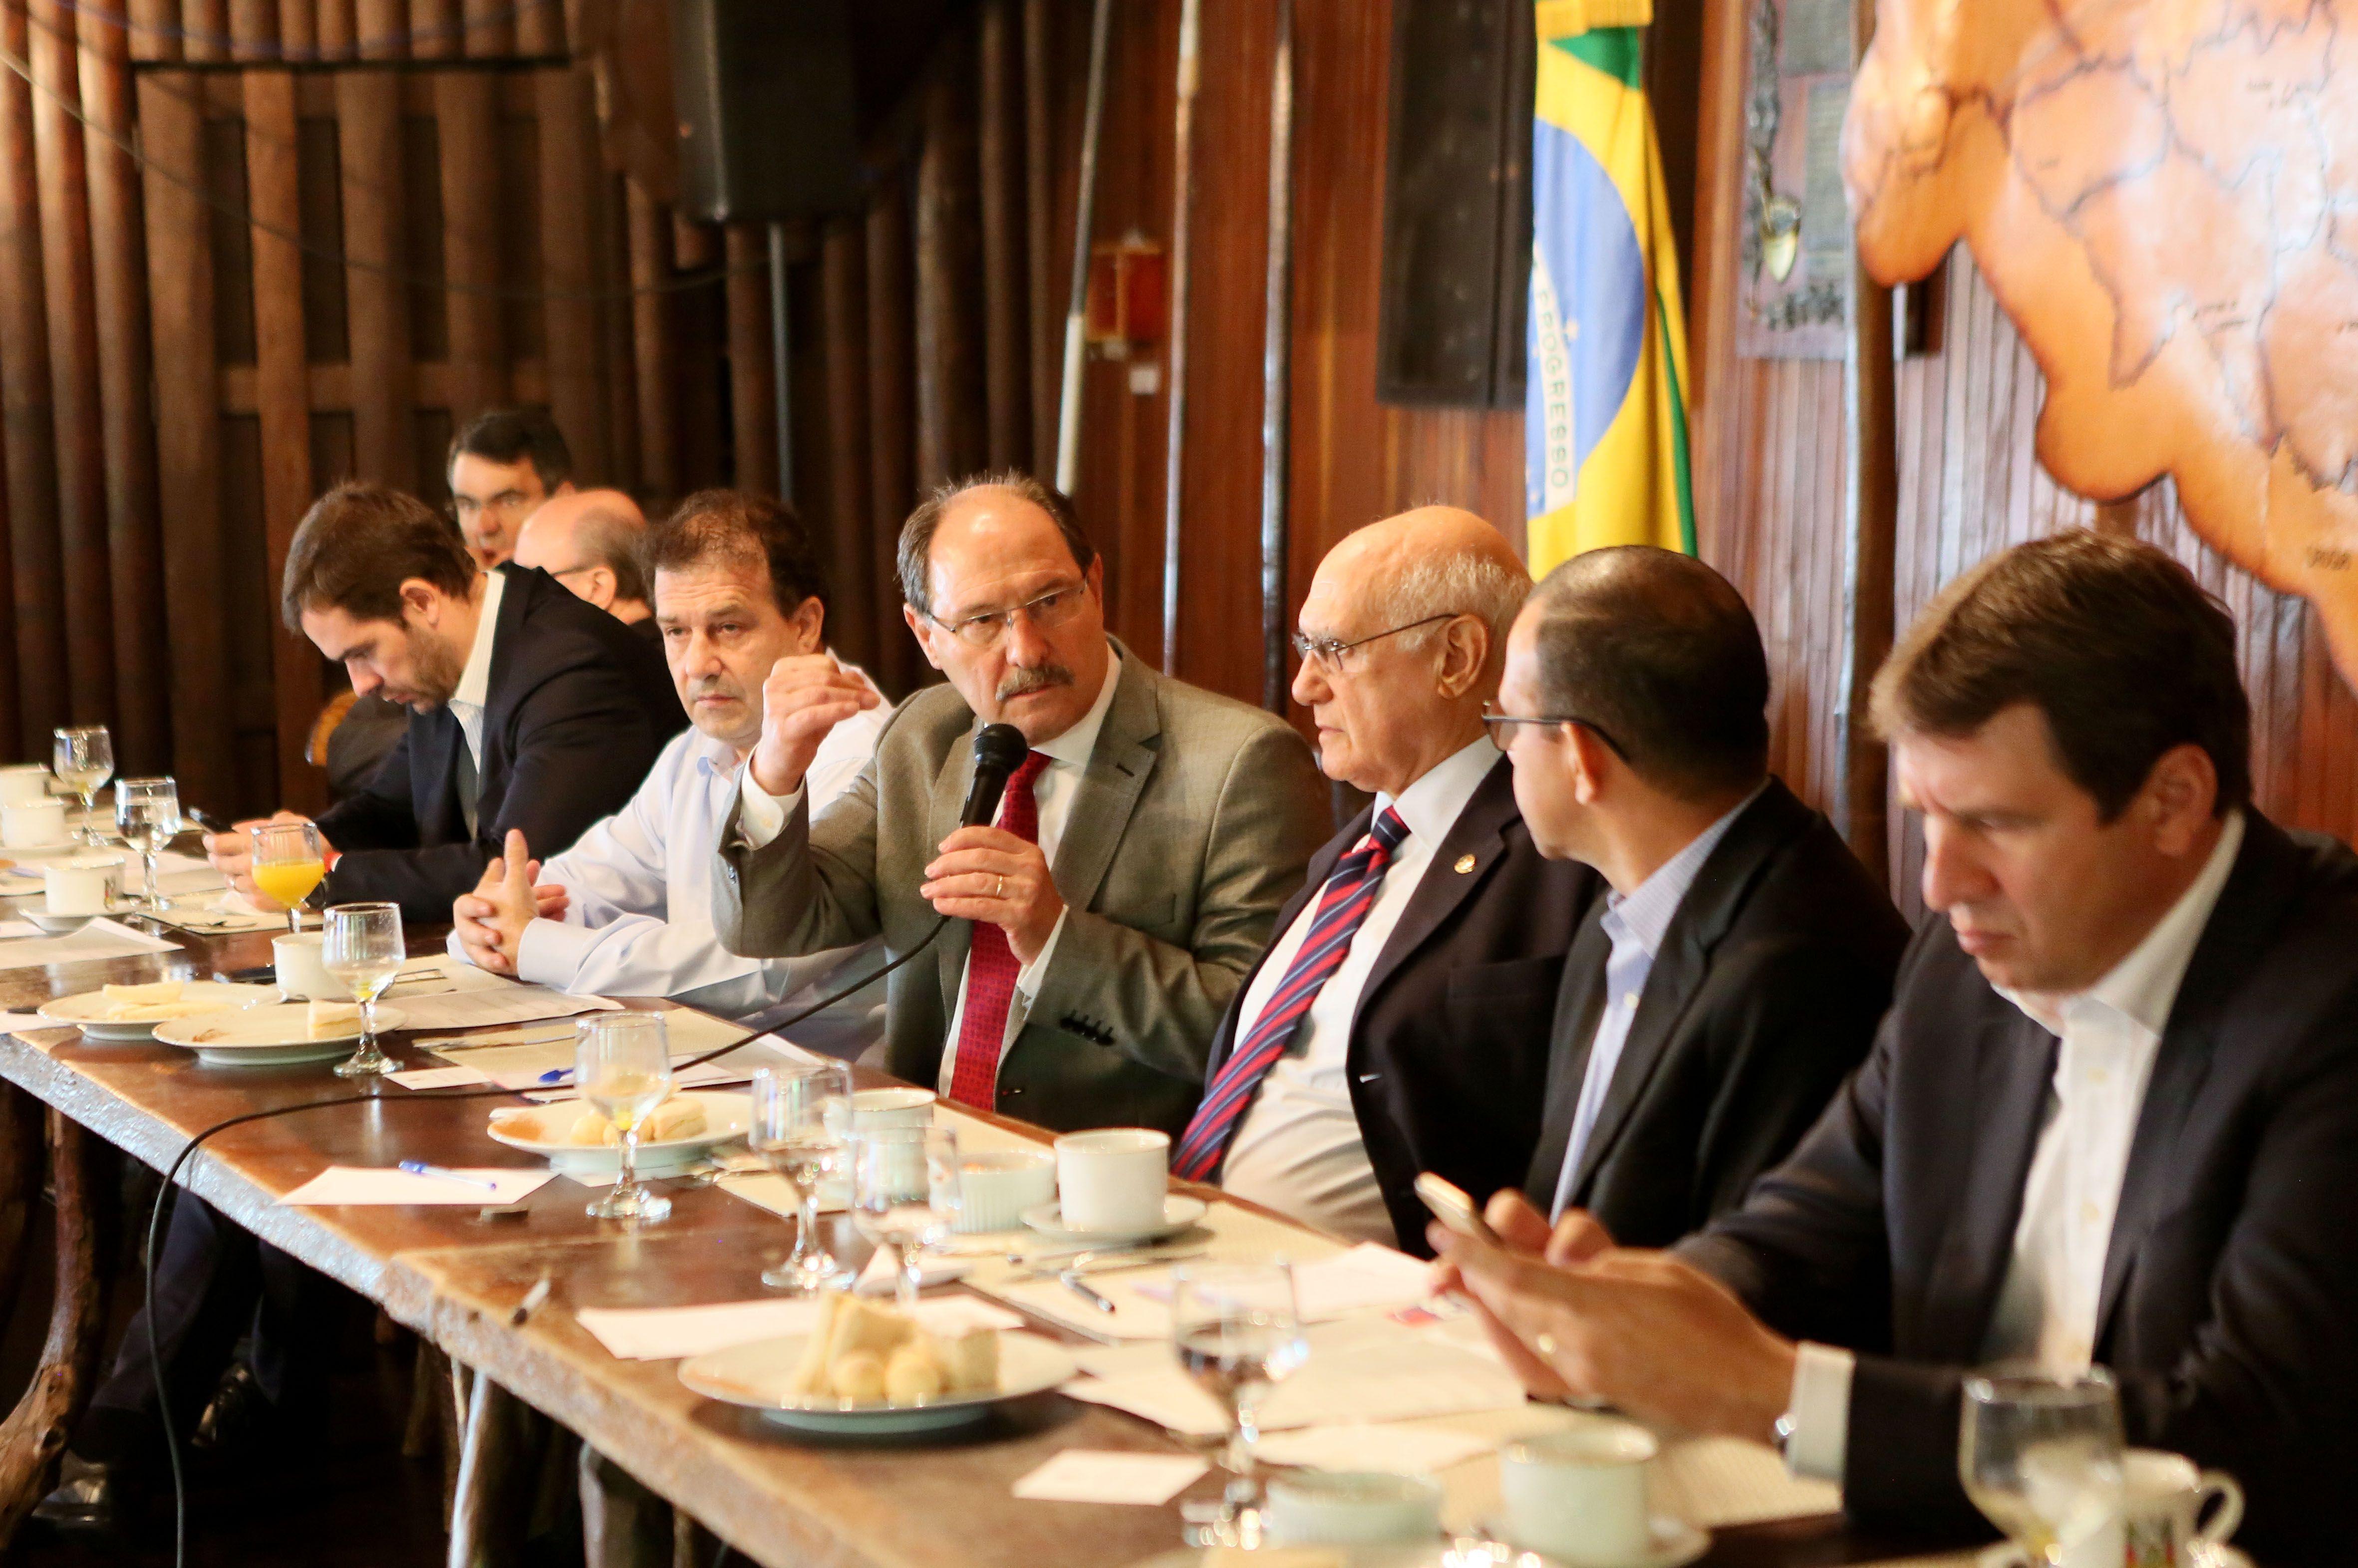 José Ivo Sartori se reuniu com a bancada gaúcha / Luiz Chaves/Palácio Piratini